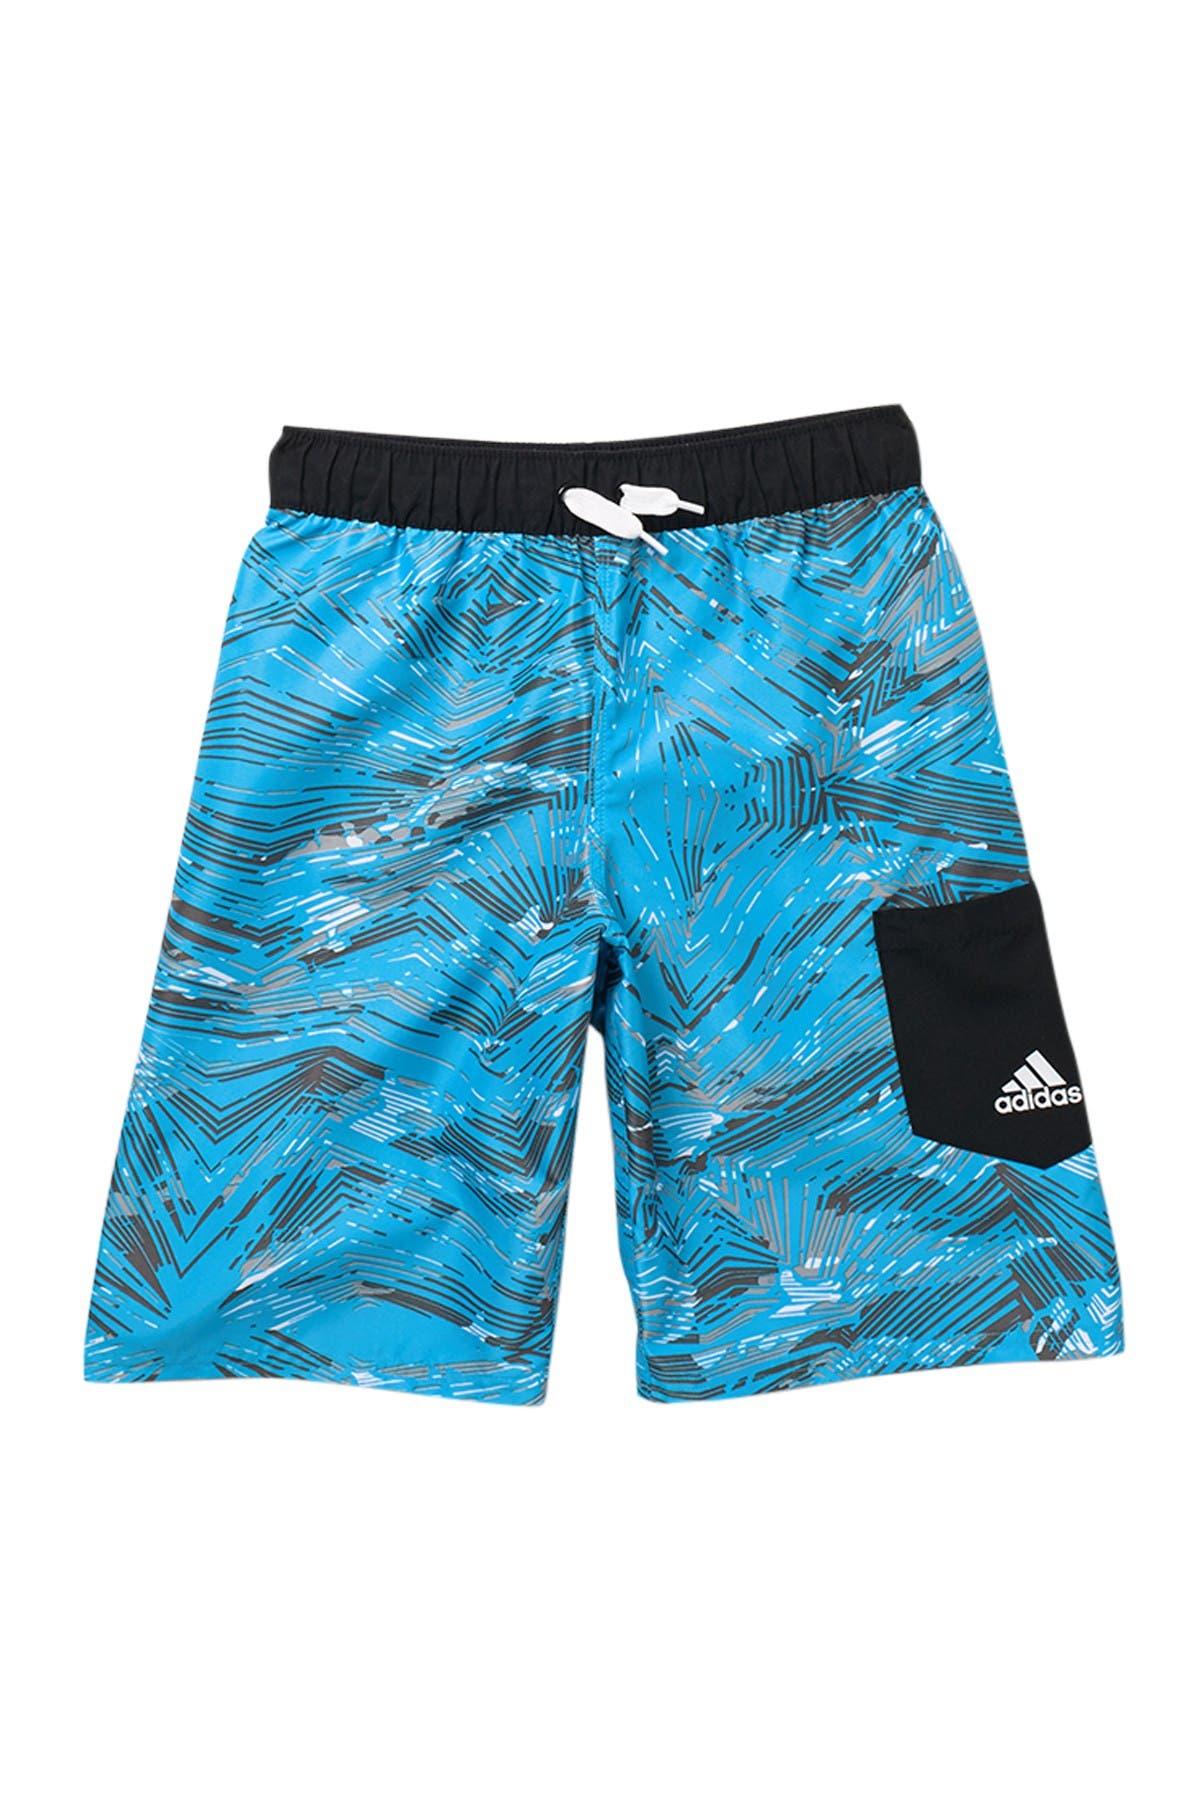 Image of ADIDAS SWIMWEAR Zigzag Camo Shorts